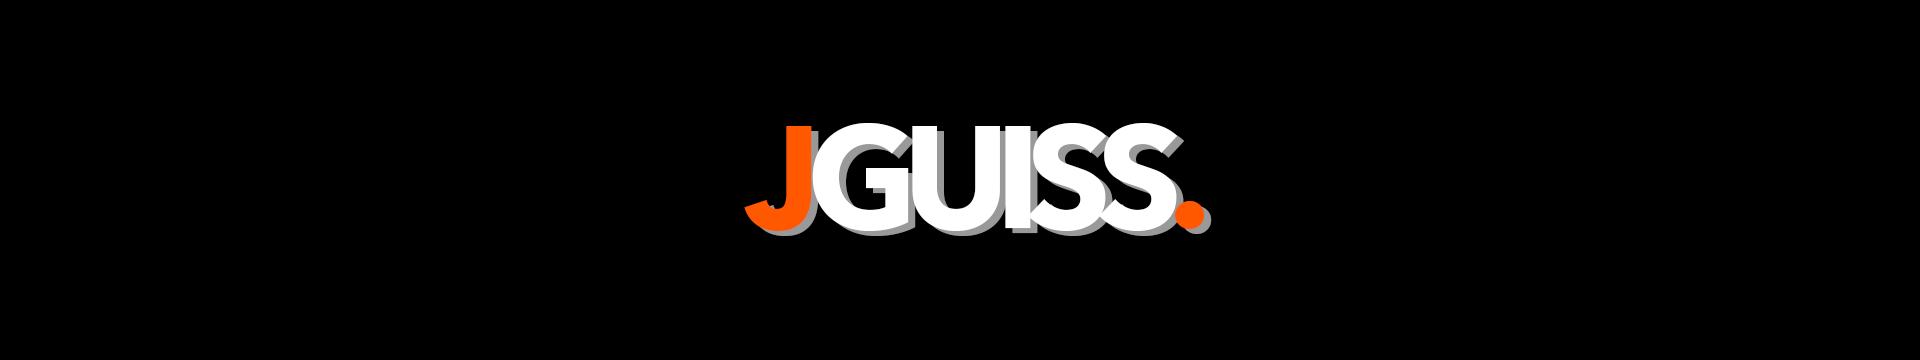 Jguiss.com